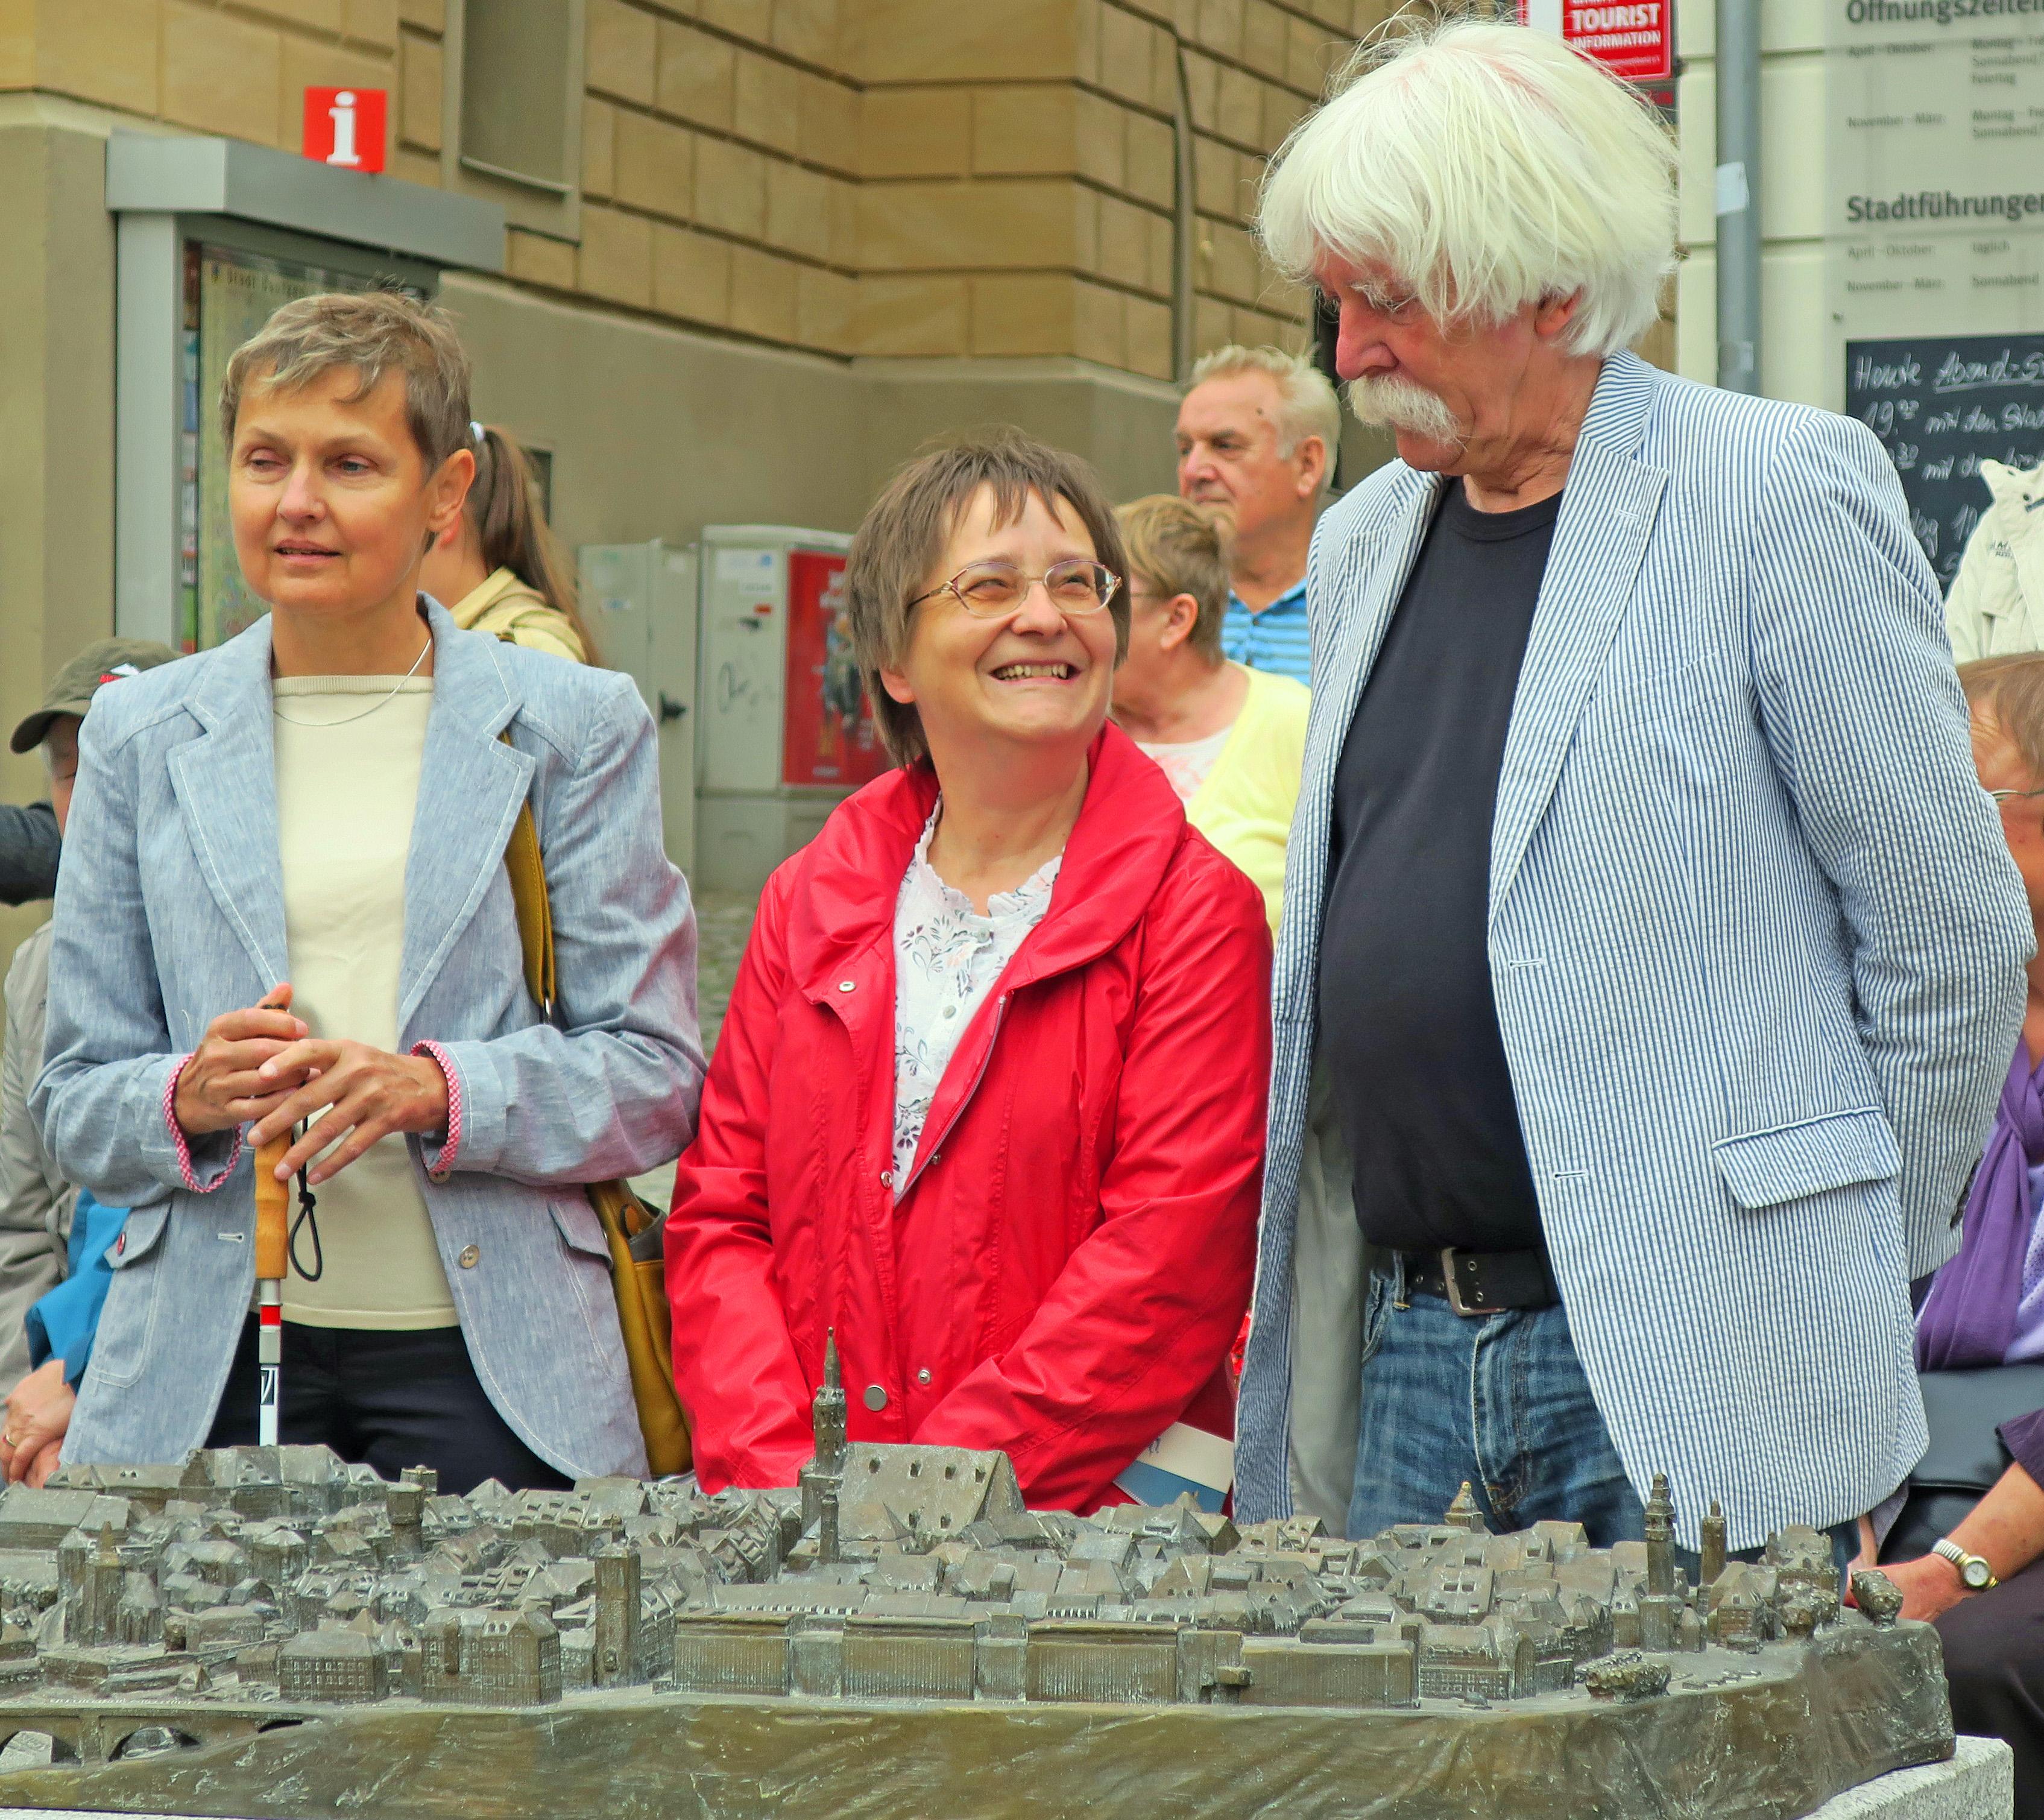 Nach der Enthüllung des Tastmodells stehen die Landesvorsitzende Fr. Fischer, Fr. Tschander der KO Bautzen und der Modellkünstler Hr. Broerken direkt hinter dem Modell.